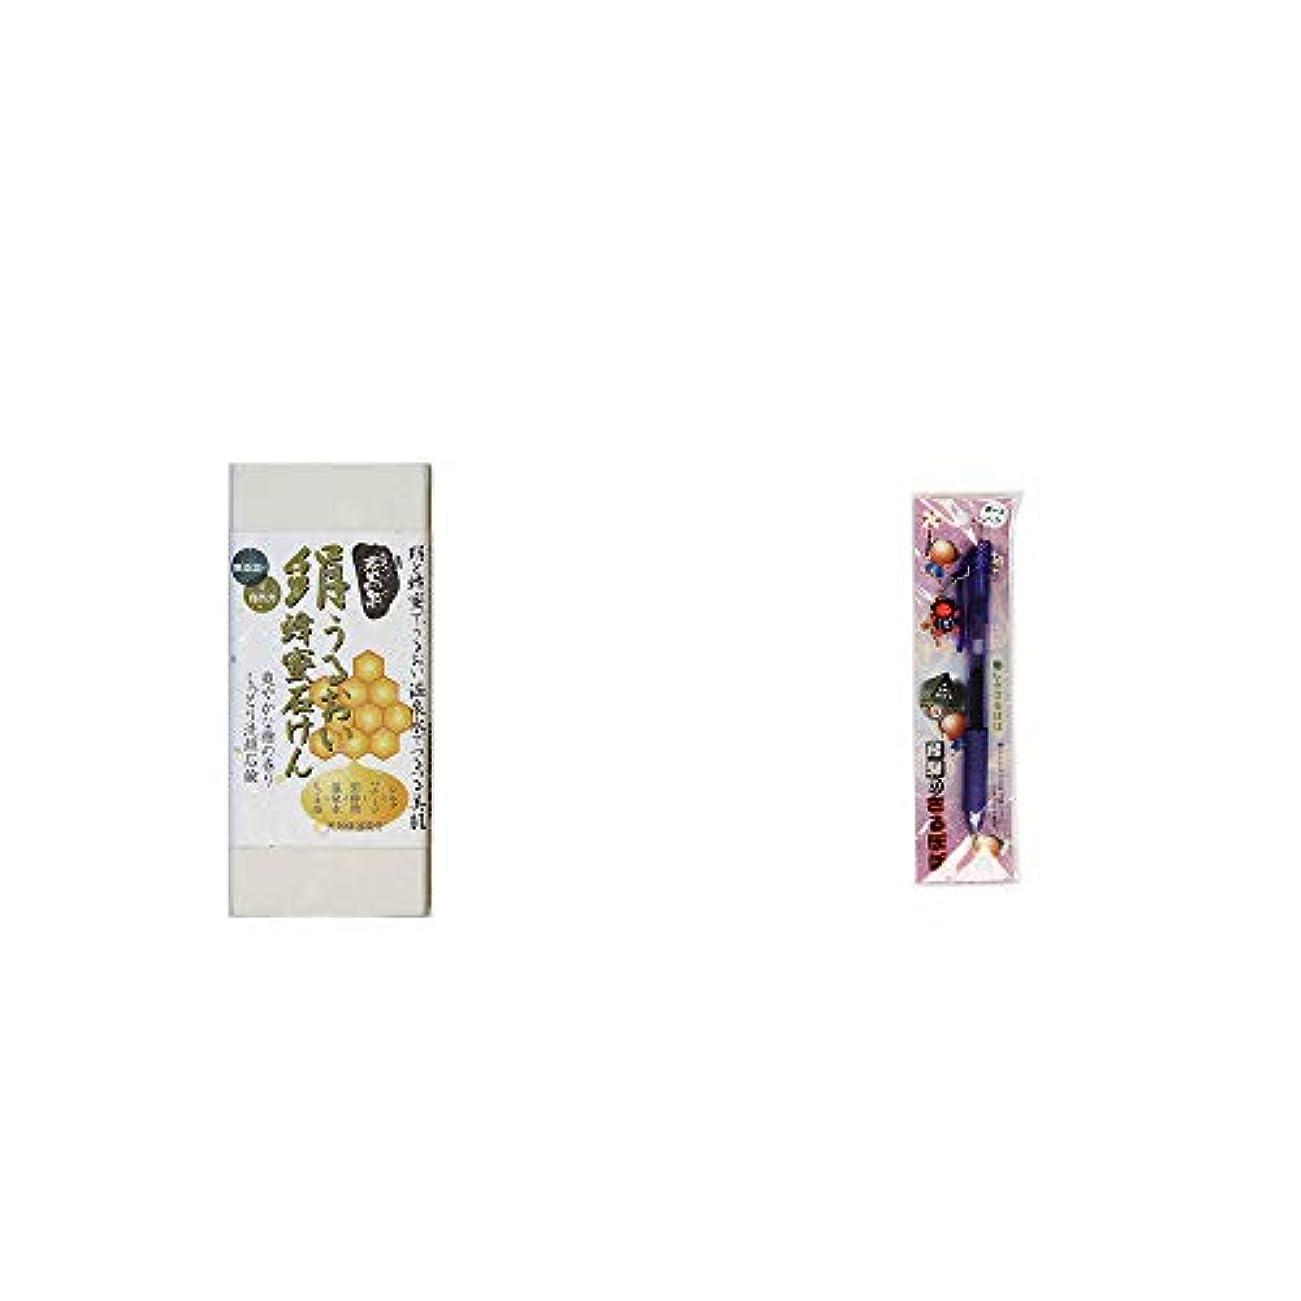 酸シーケンスこだわり[2点セット] ひのき炭黒泉 絹うるおい蜂蜜石けん(75g×2)?さるぼぼ 癒しボールペン 【パープル】